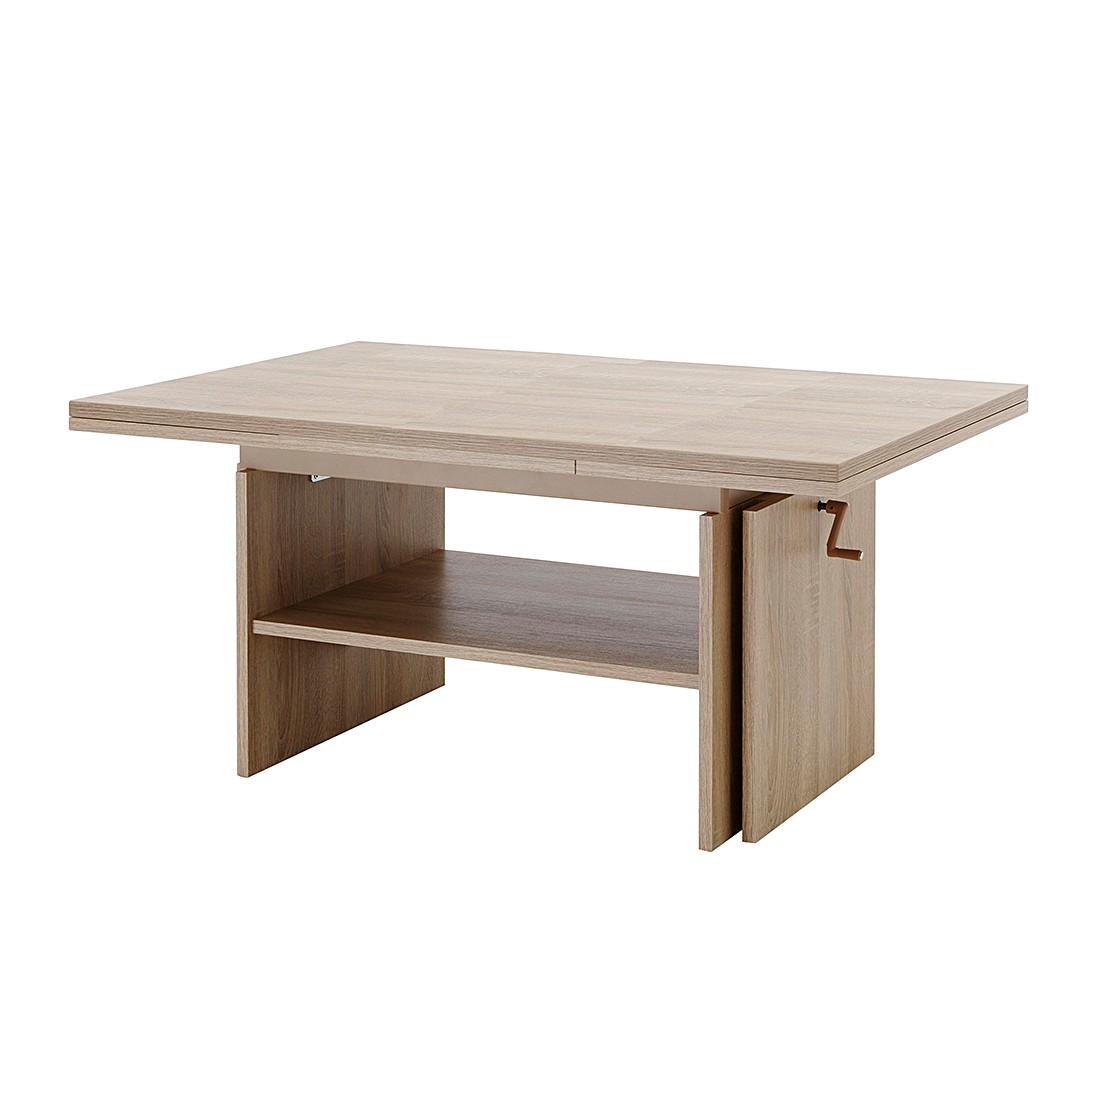 table r glable hauteur et longueur 1970 une rallonge pied. Black Bedroom Furniture Sets. Home Design Ideas